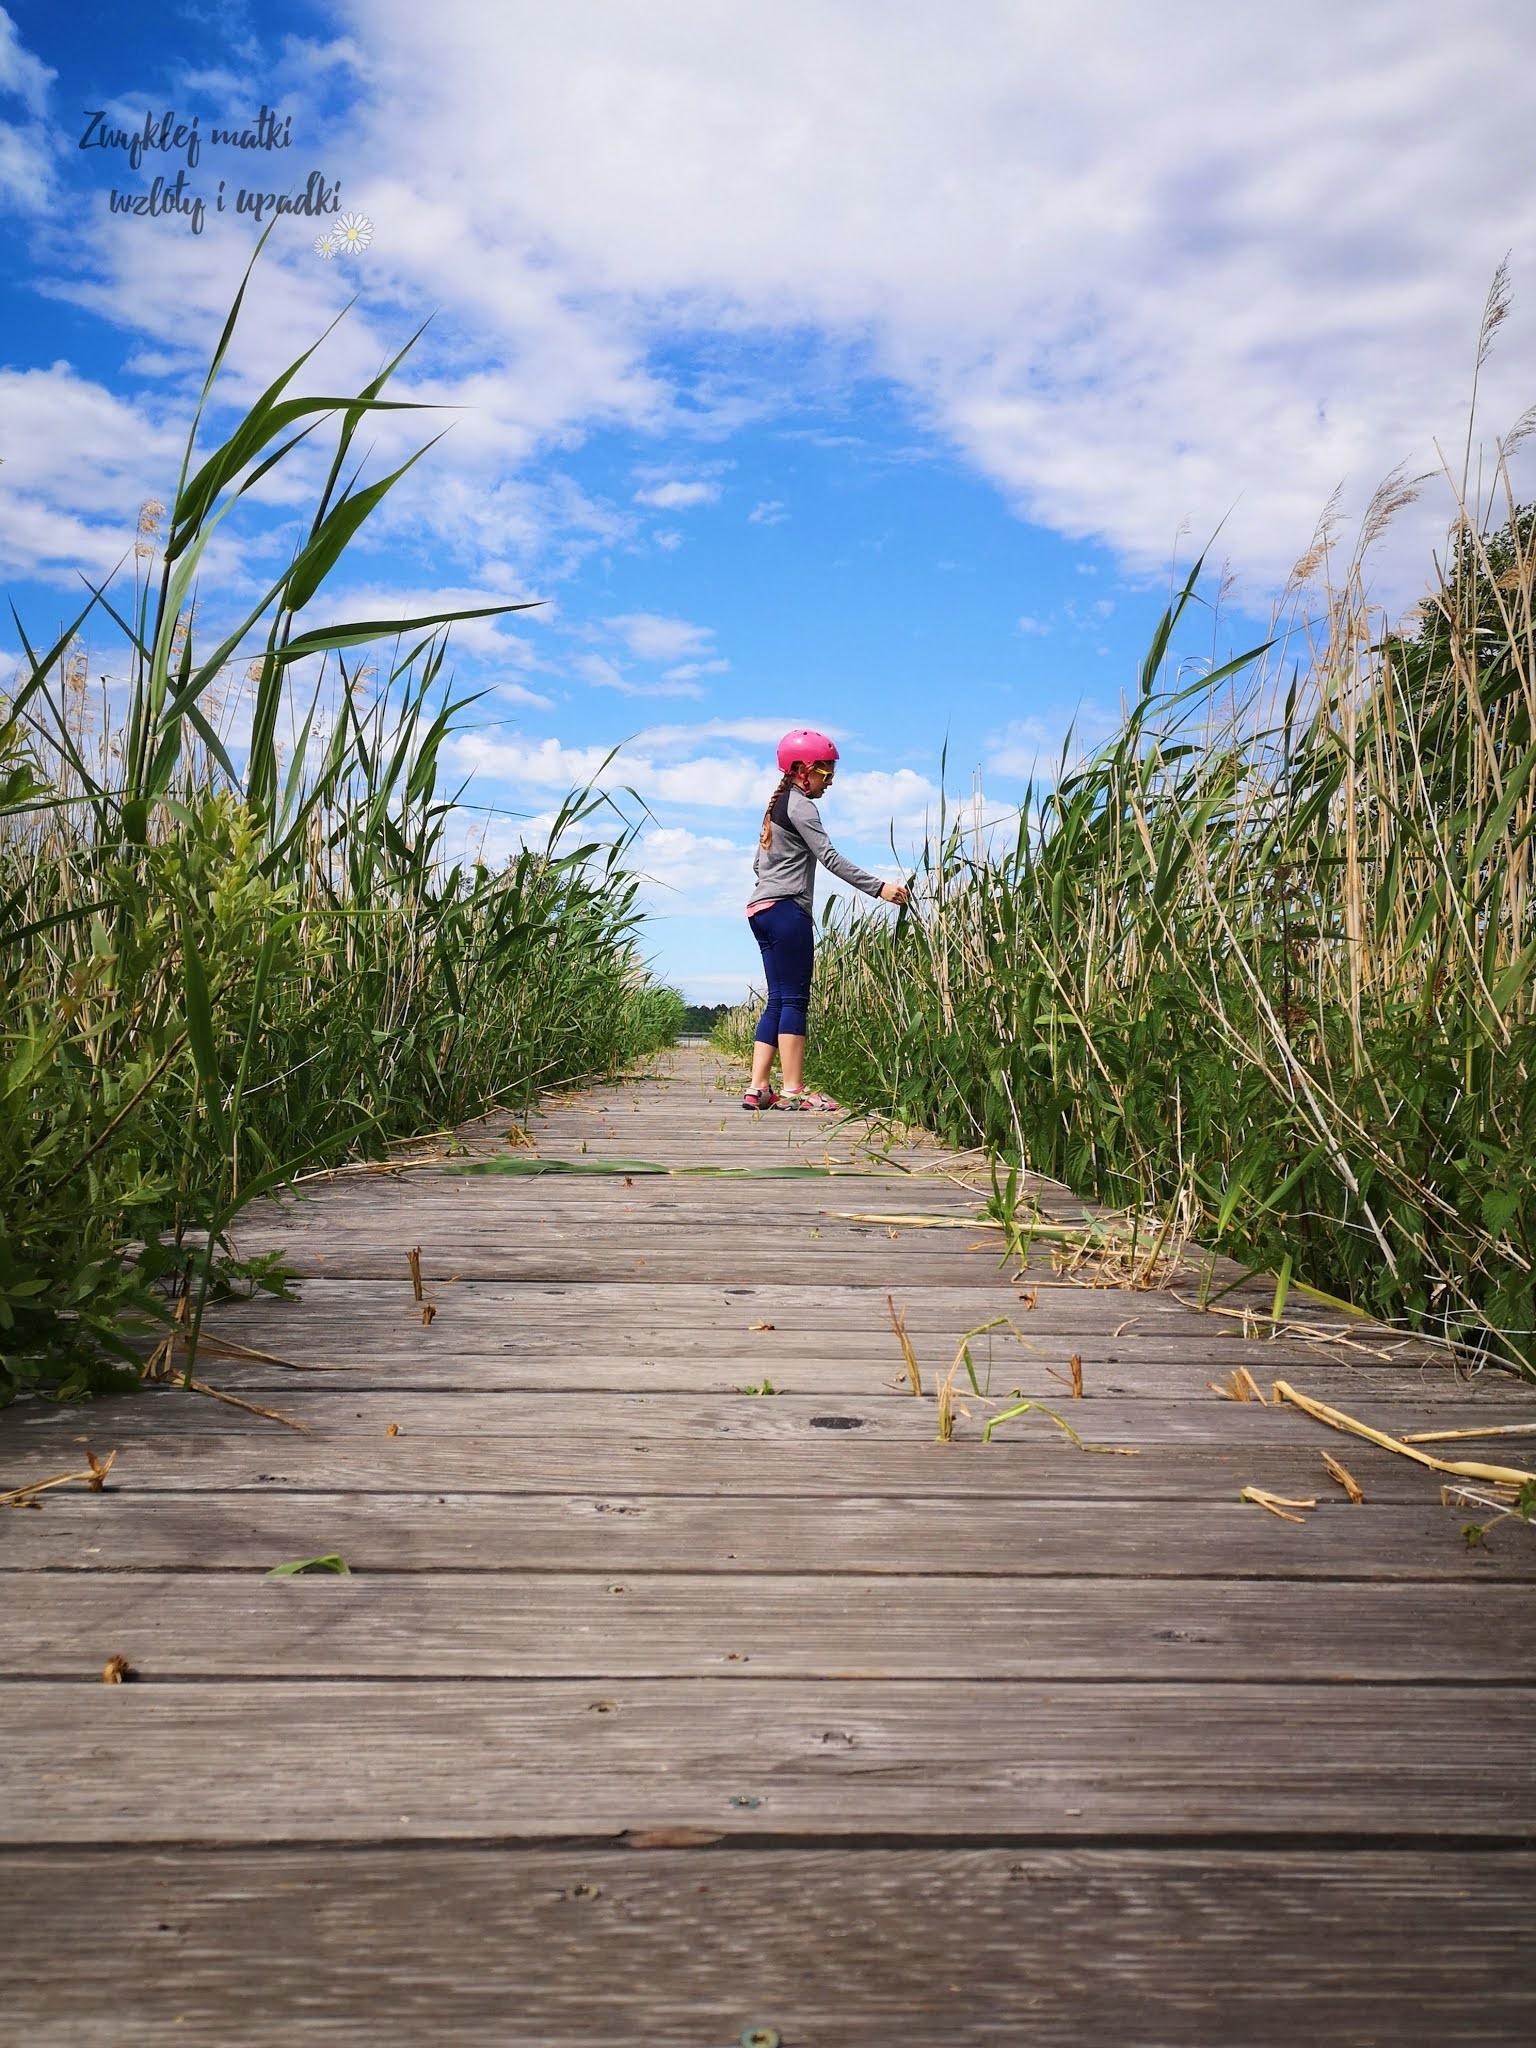 Co robić nad morzem, czyli trasa rowerowa wokół jeziora Liwia Łuża w Niechorzu